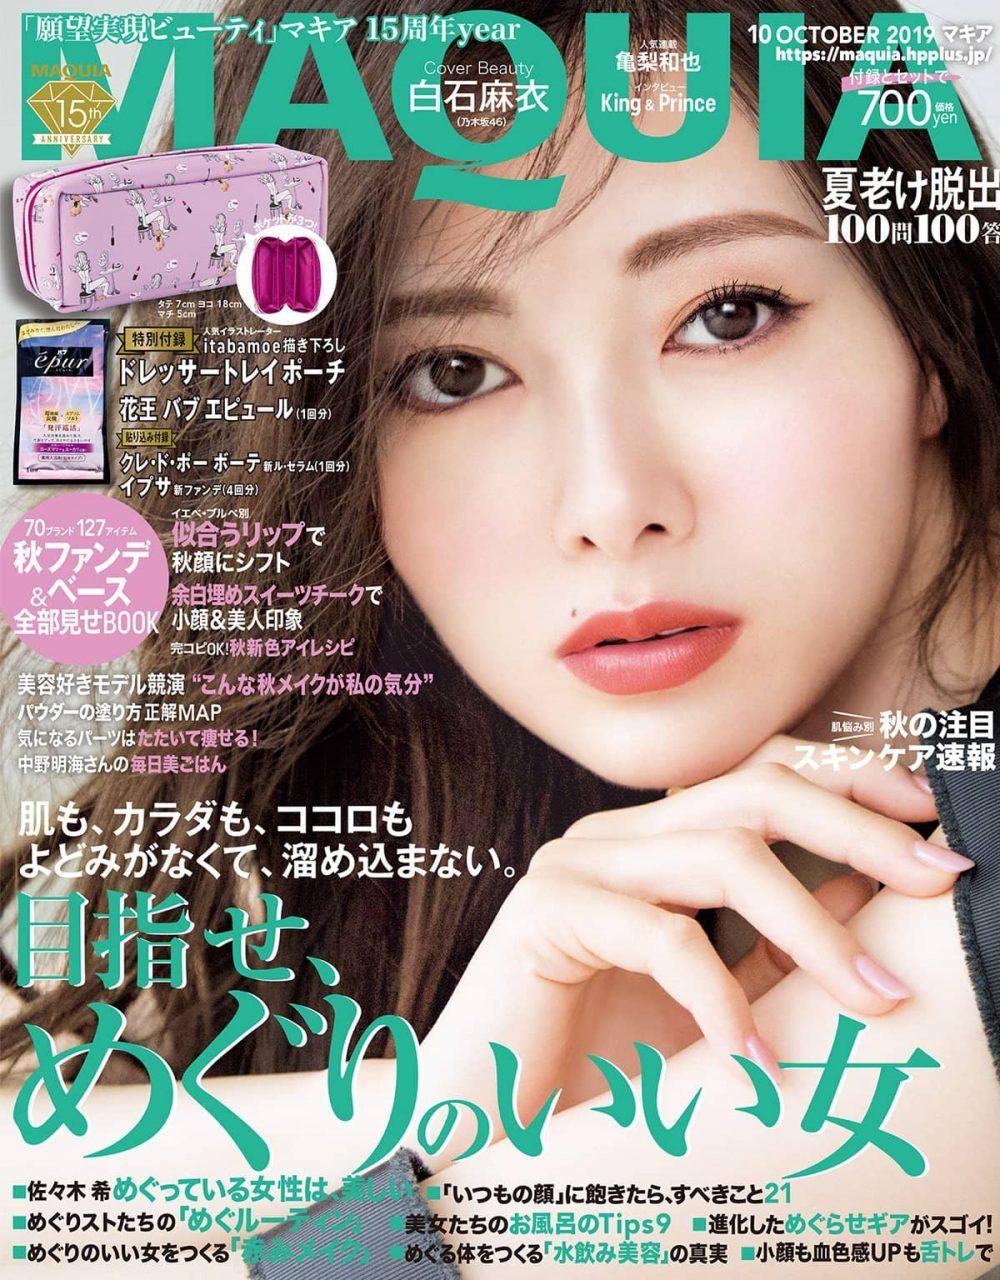 乃木坂46 白石麻衣、表紙掲載!「MAQUIA 2019年10月号」8/22発売!